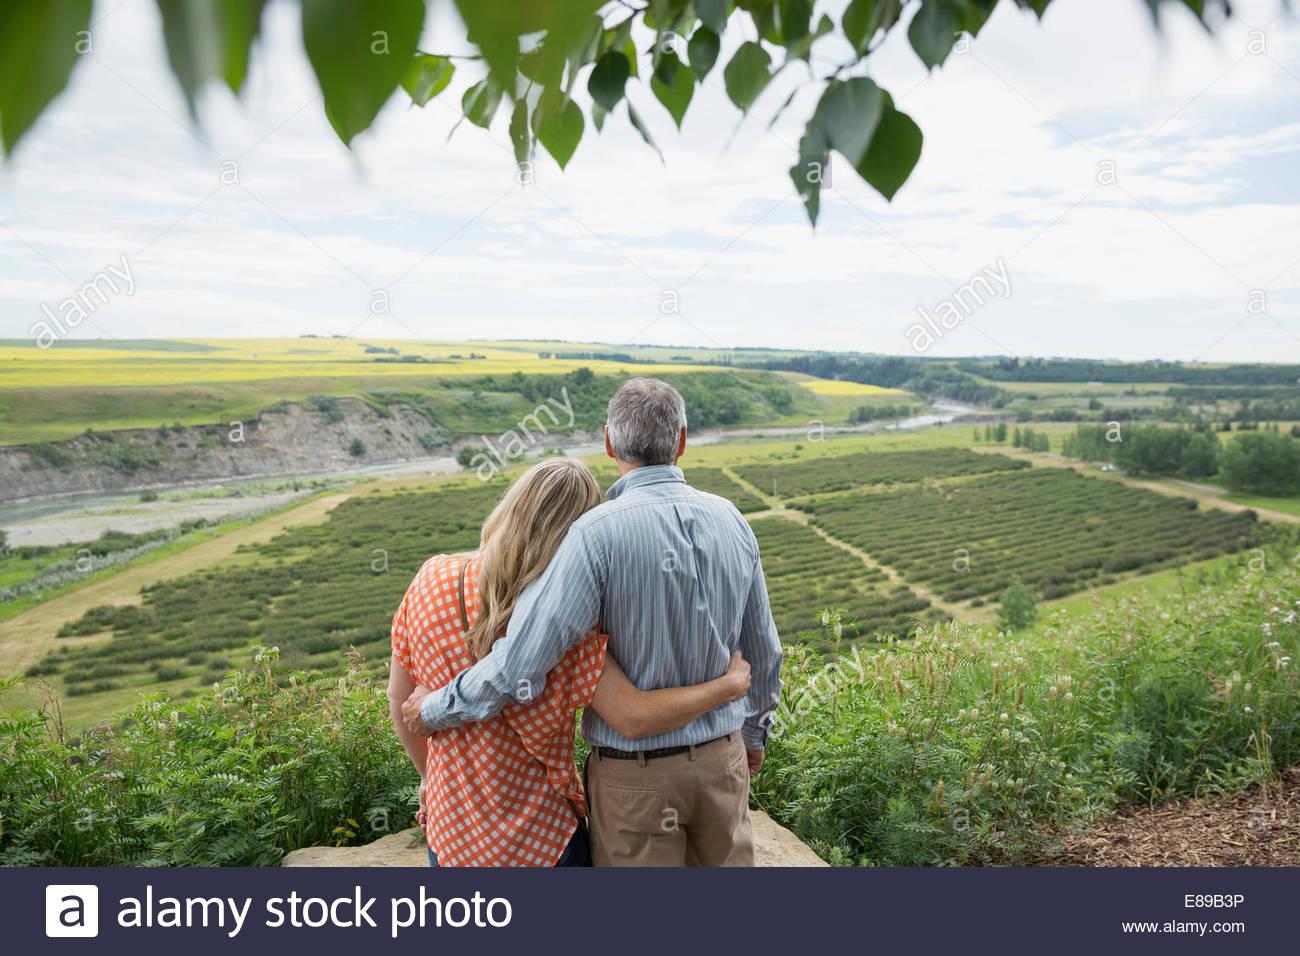 Abrazos Pareja mirando la vista de campo Imagen De Stock